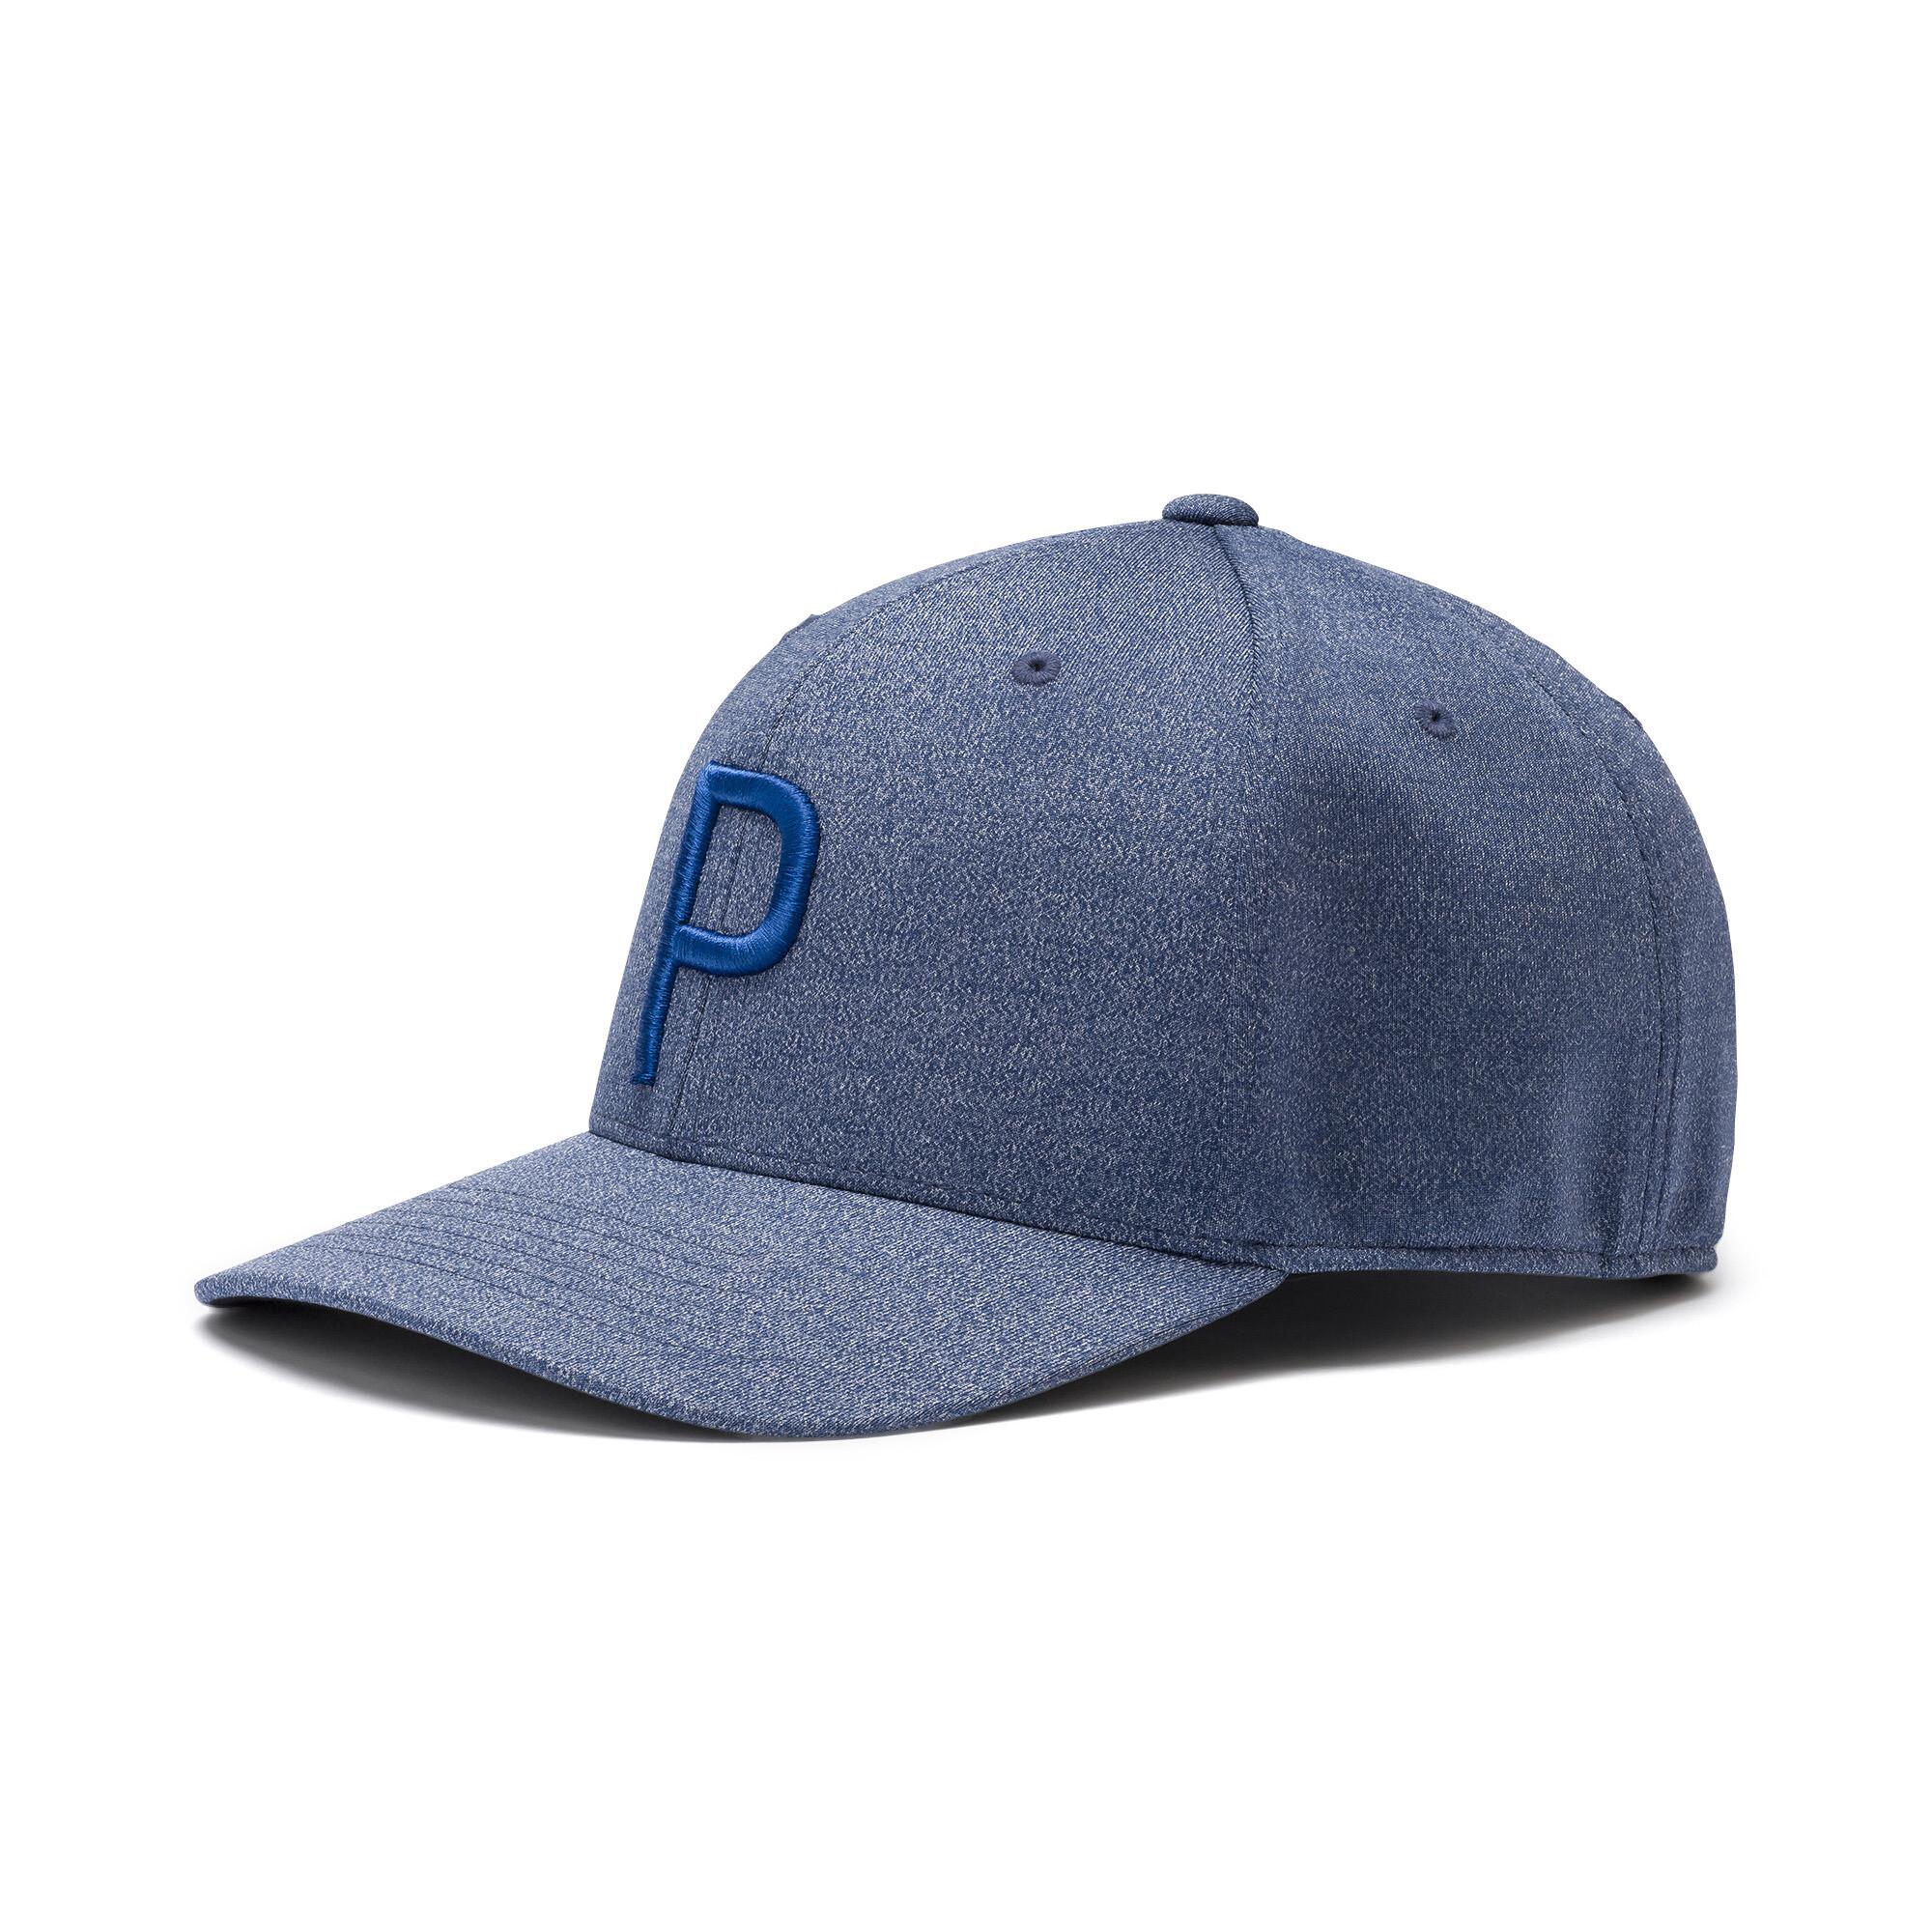 プーマ ゴルフ Pマークスナップバックキャップ メンズ Peacoat-Dazzling Blue